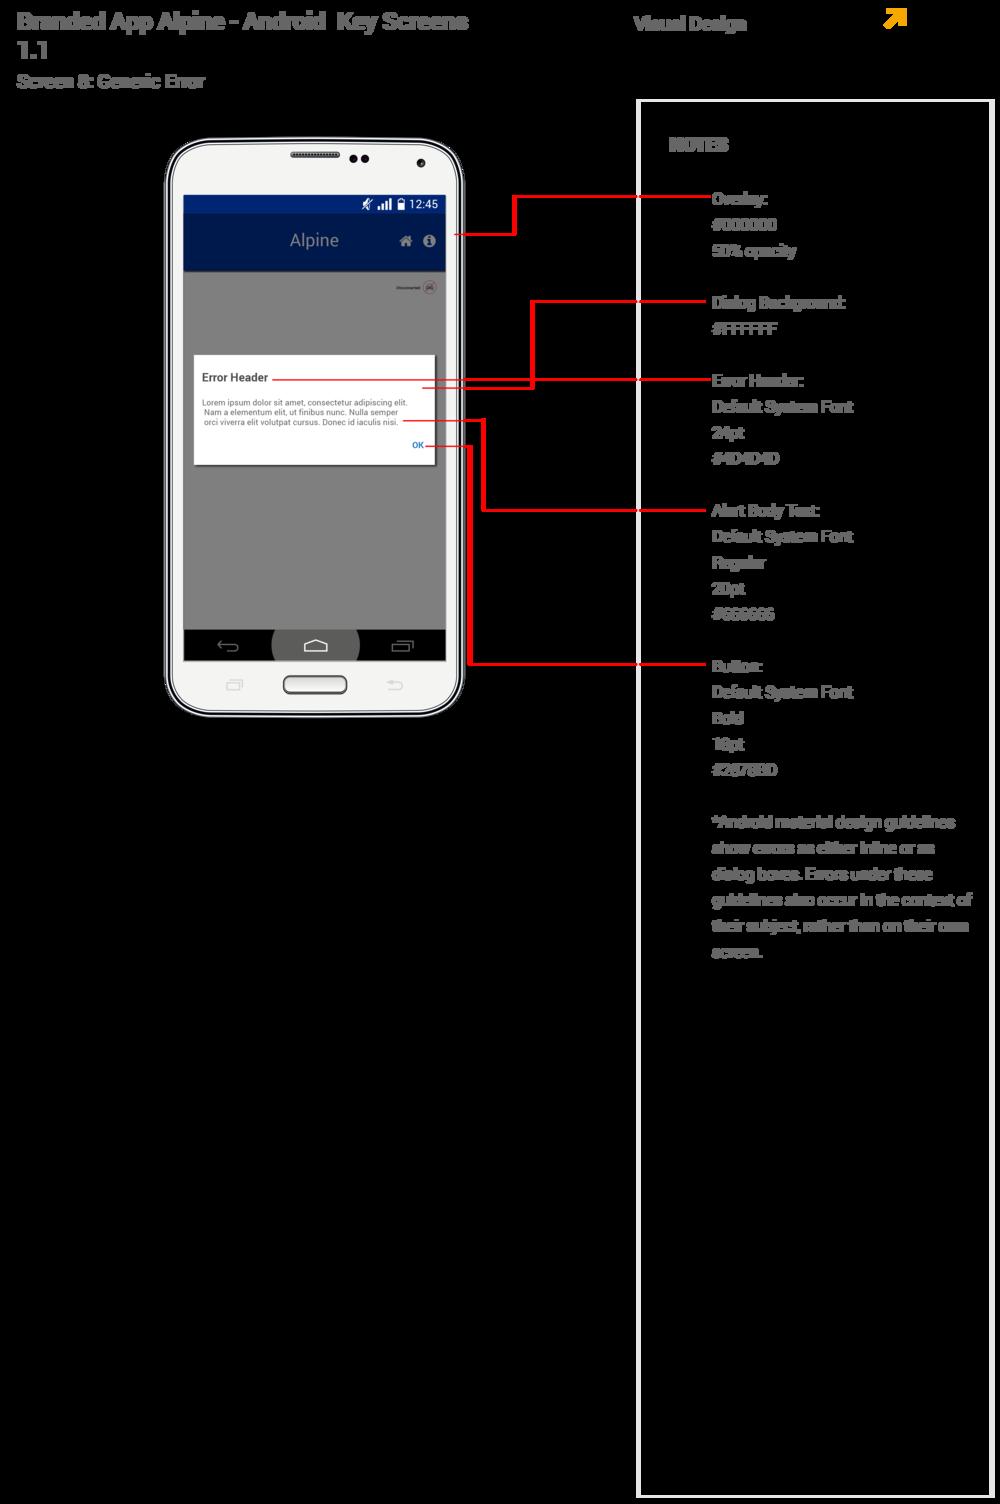 Alpine App_redacted-8.png